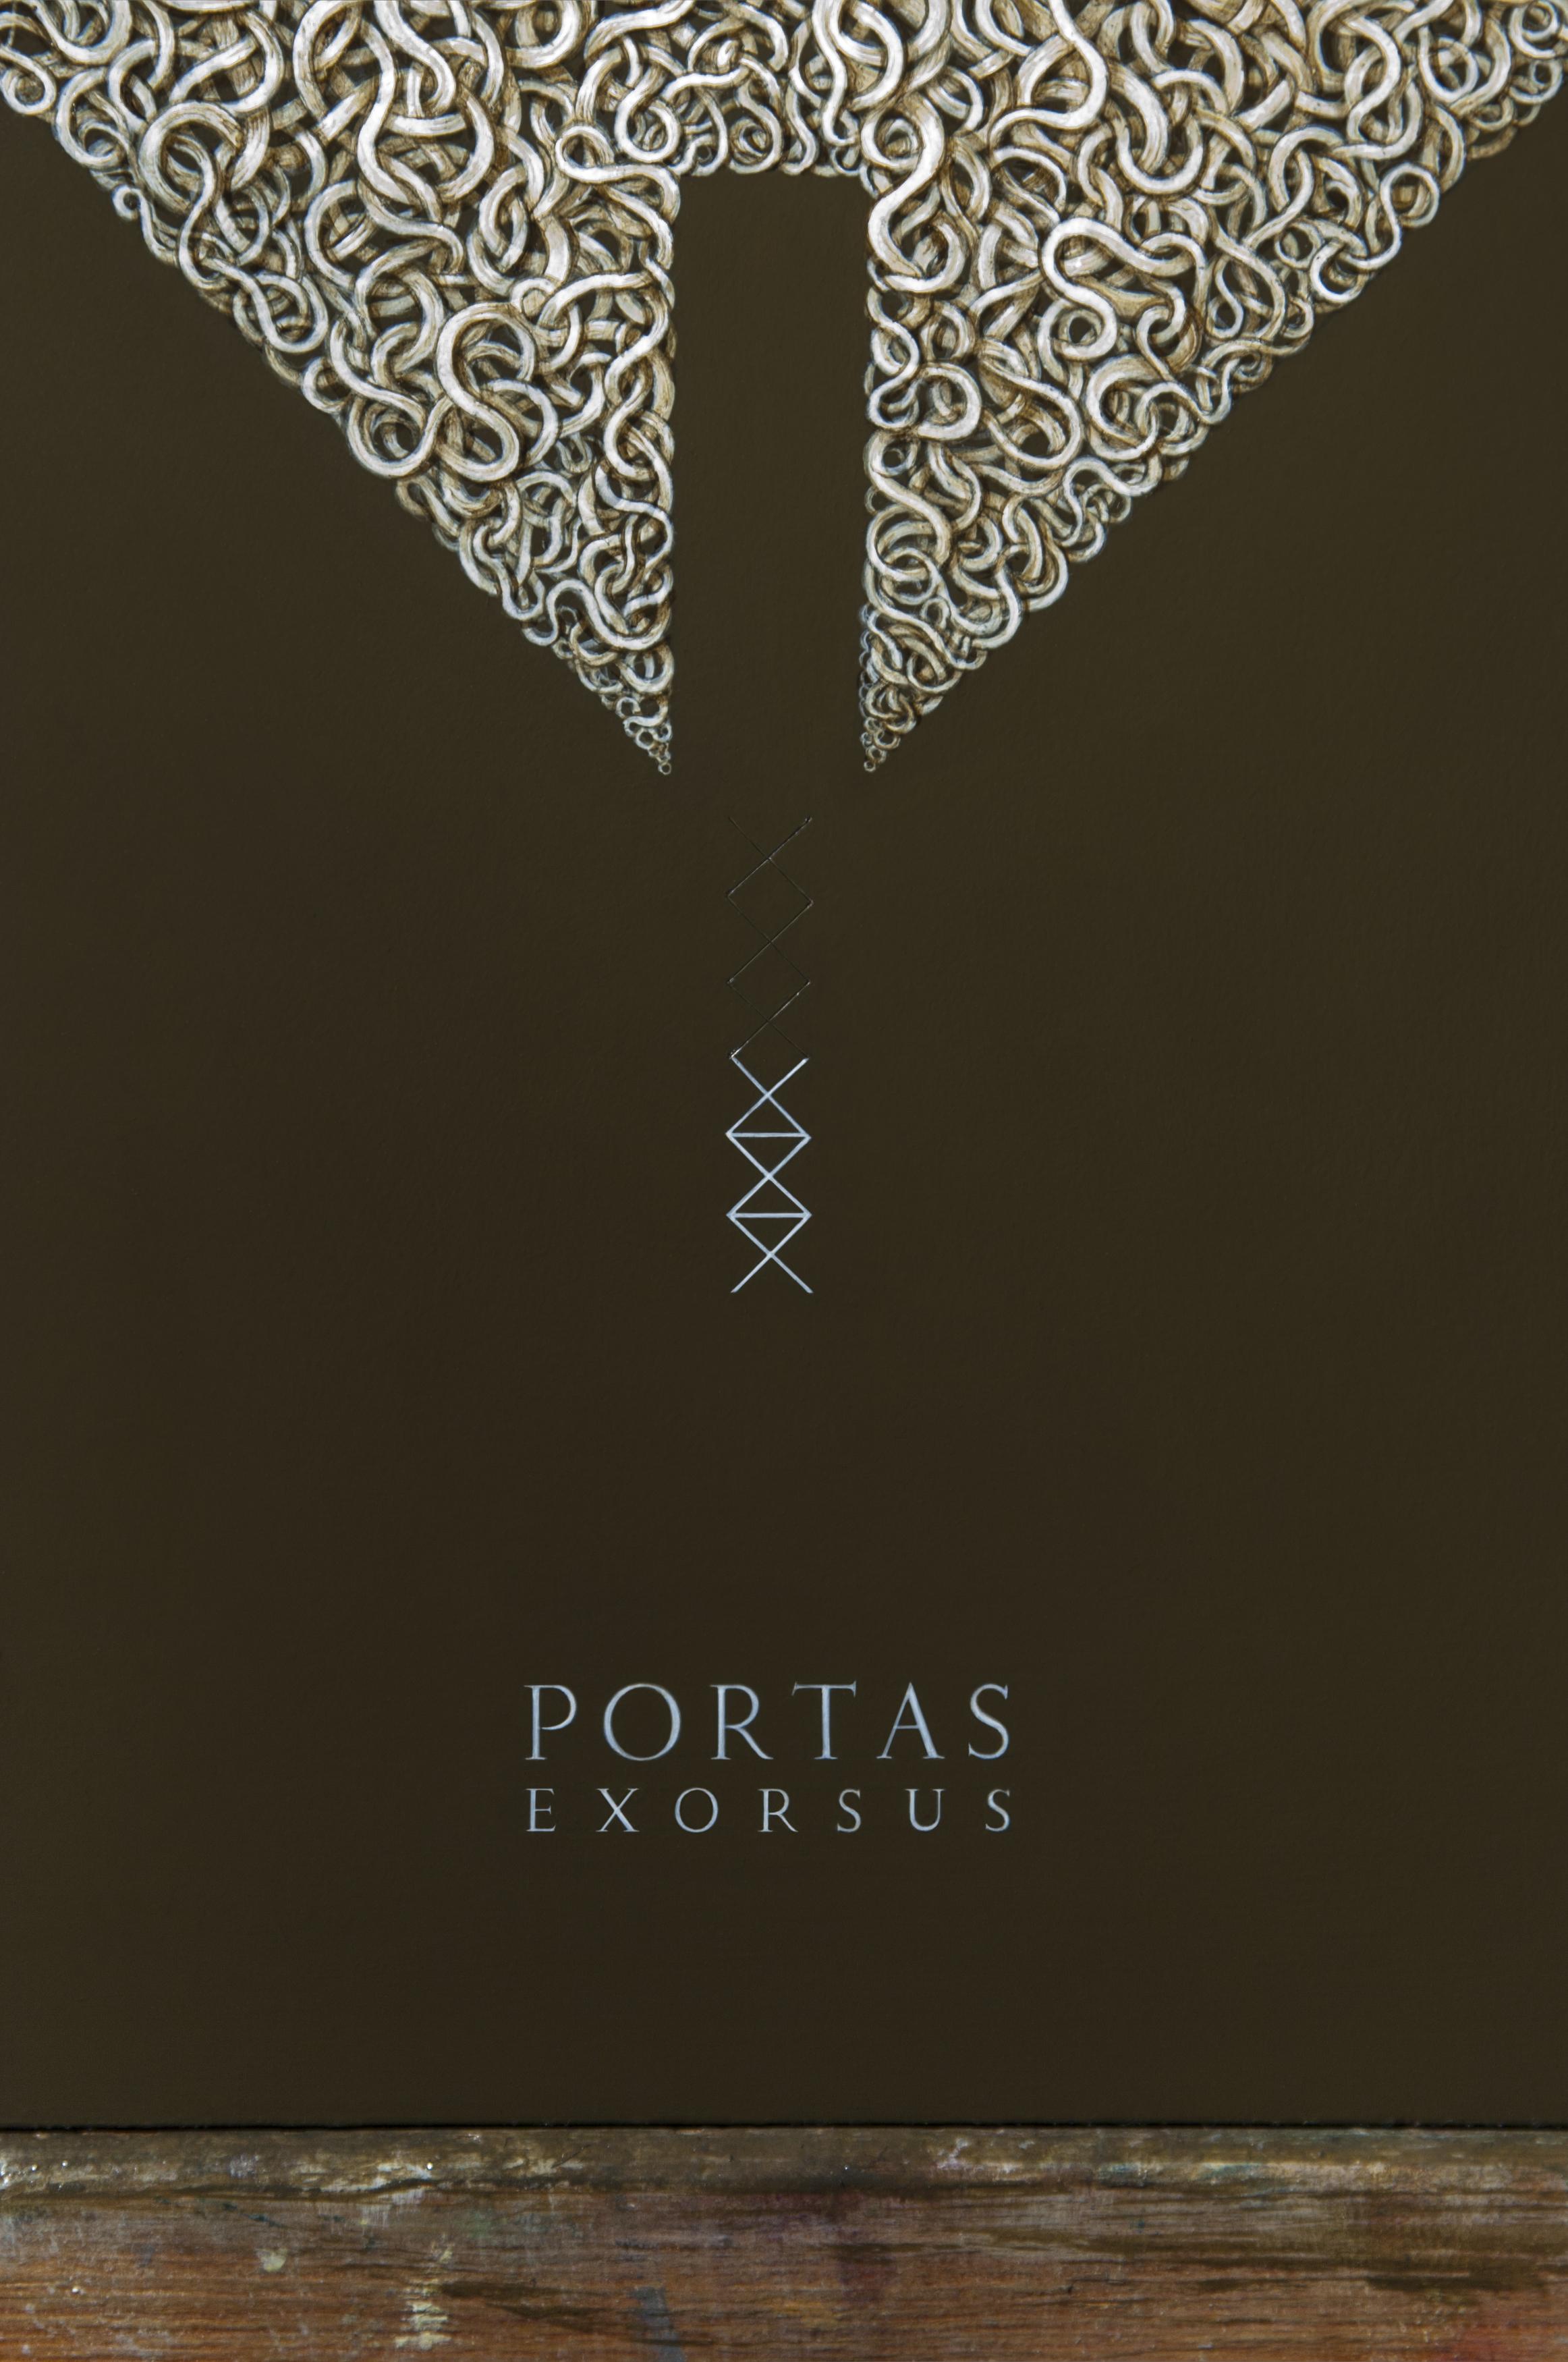 PORTAS exorsus_frag-17